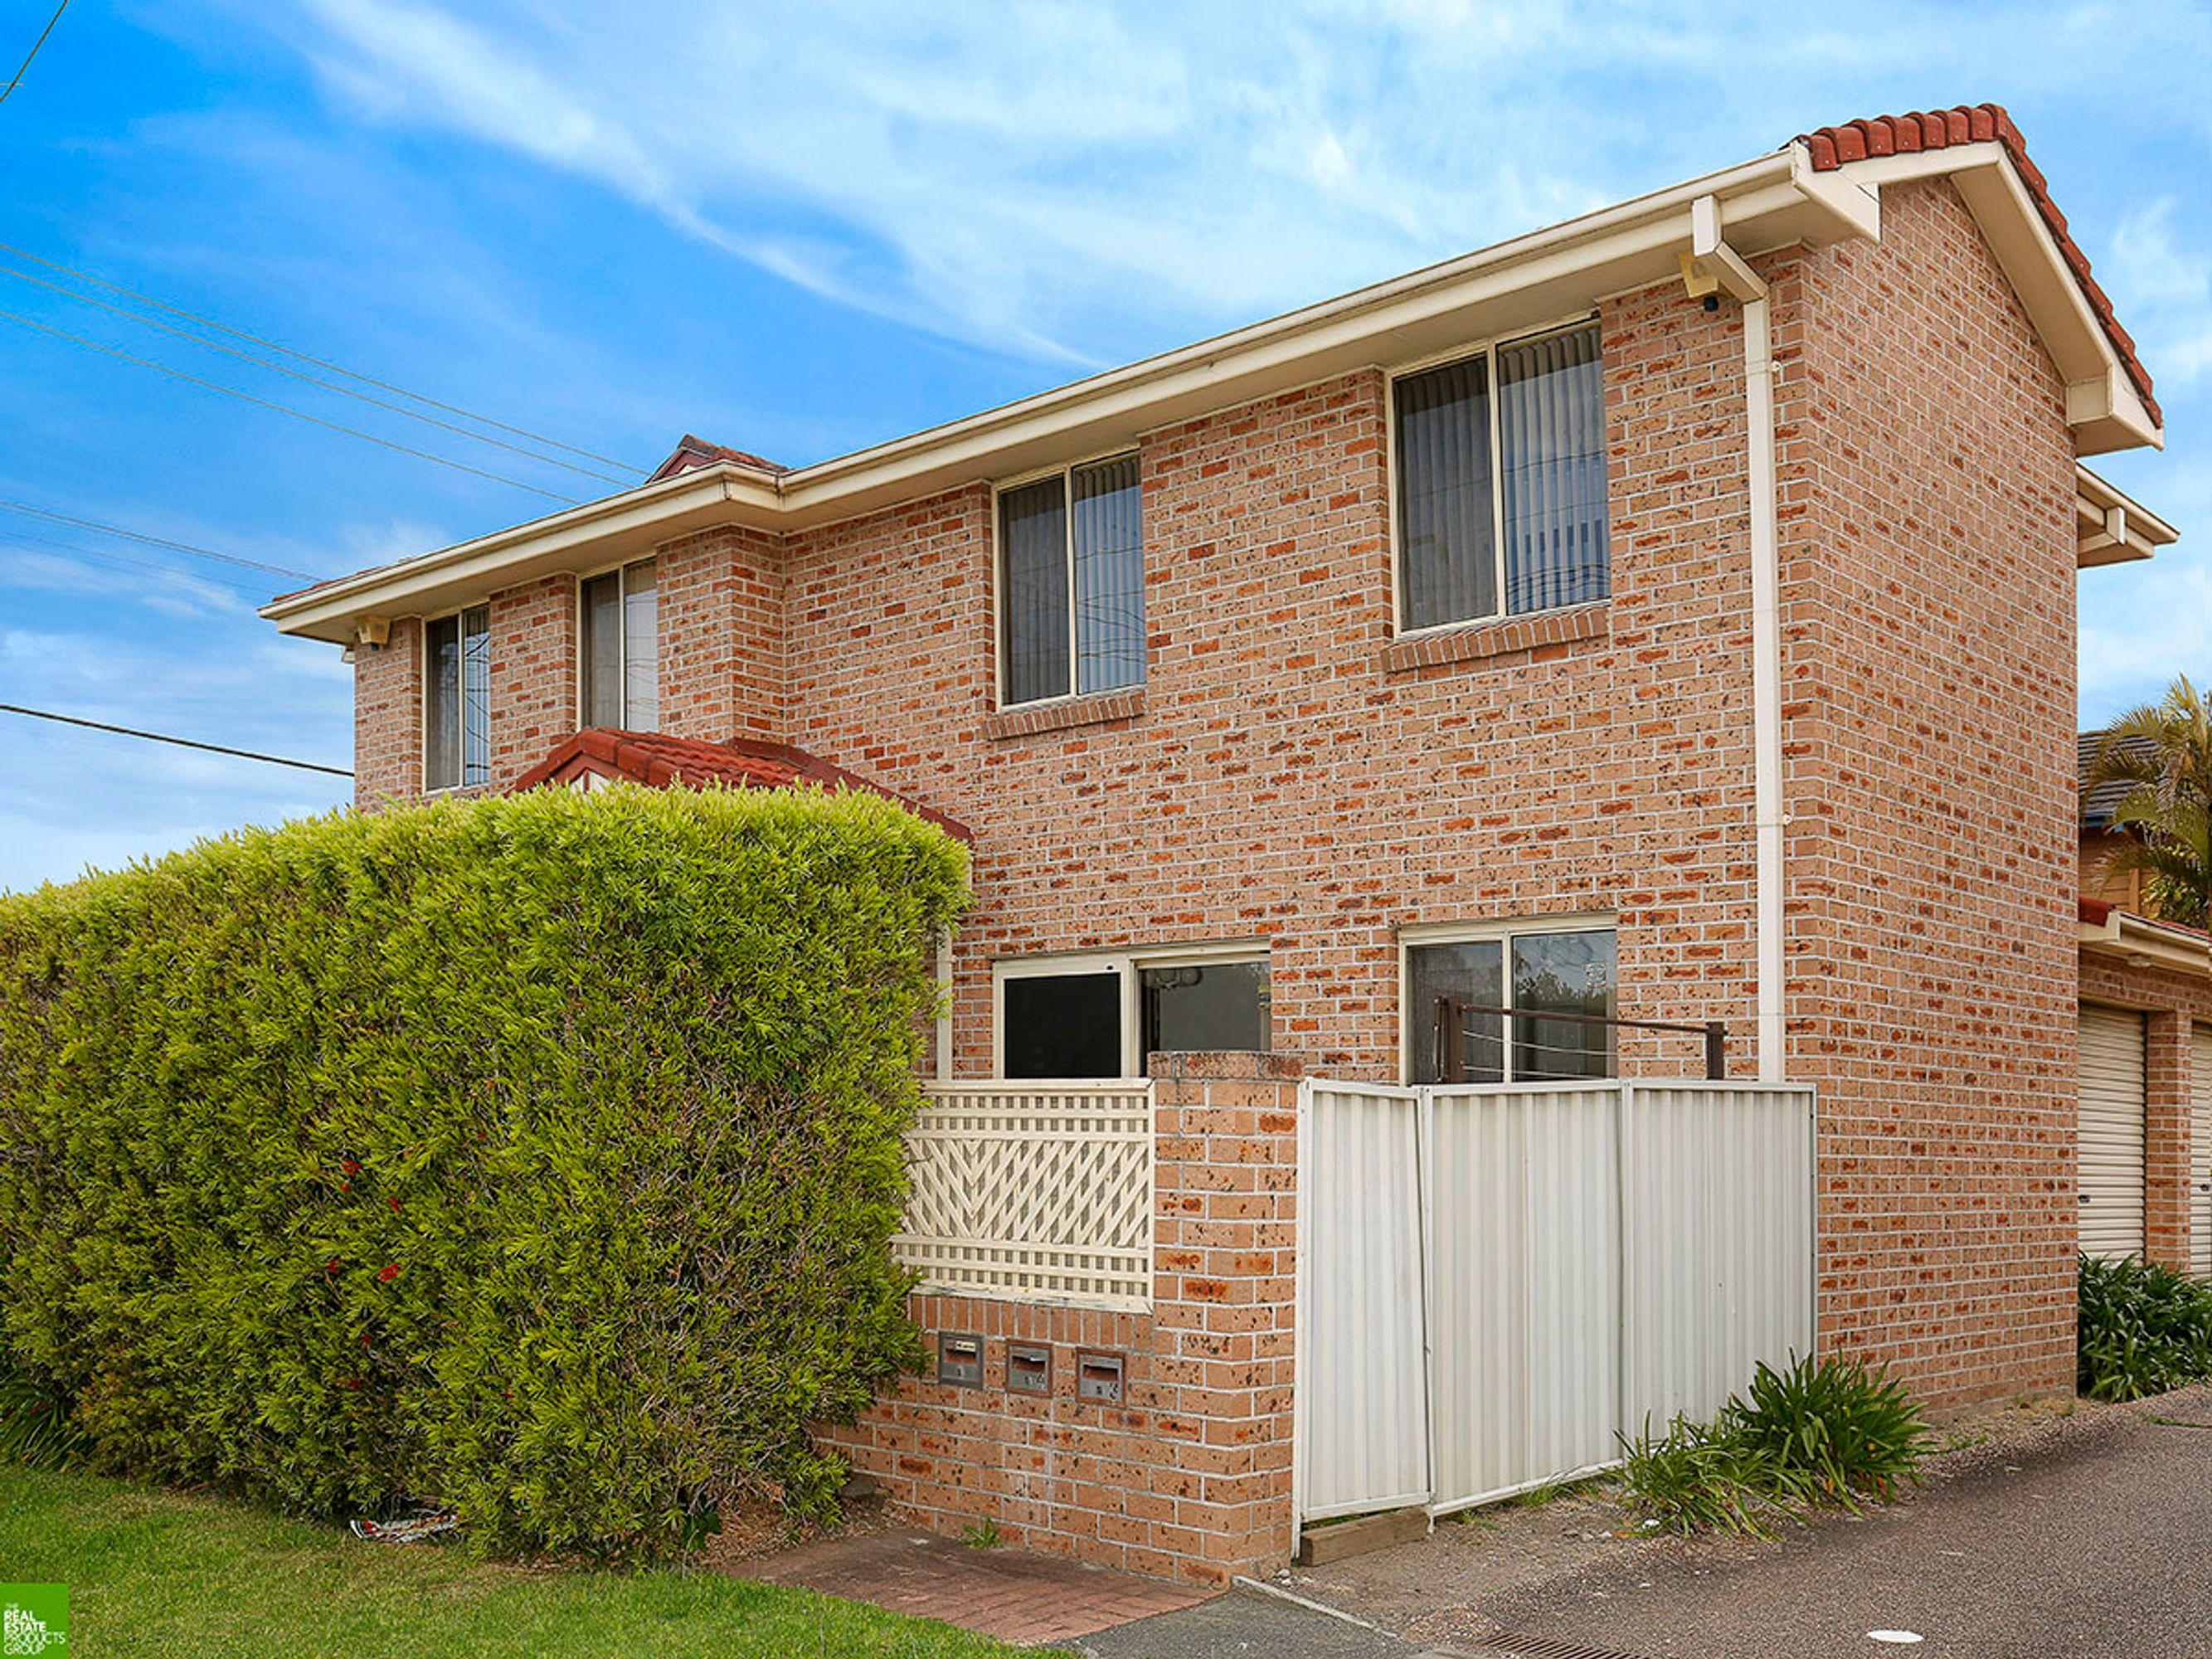 3/16 Foleys Road, Gwynneville, NSW 2500